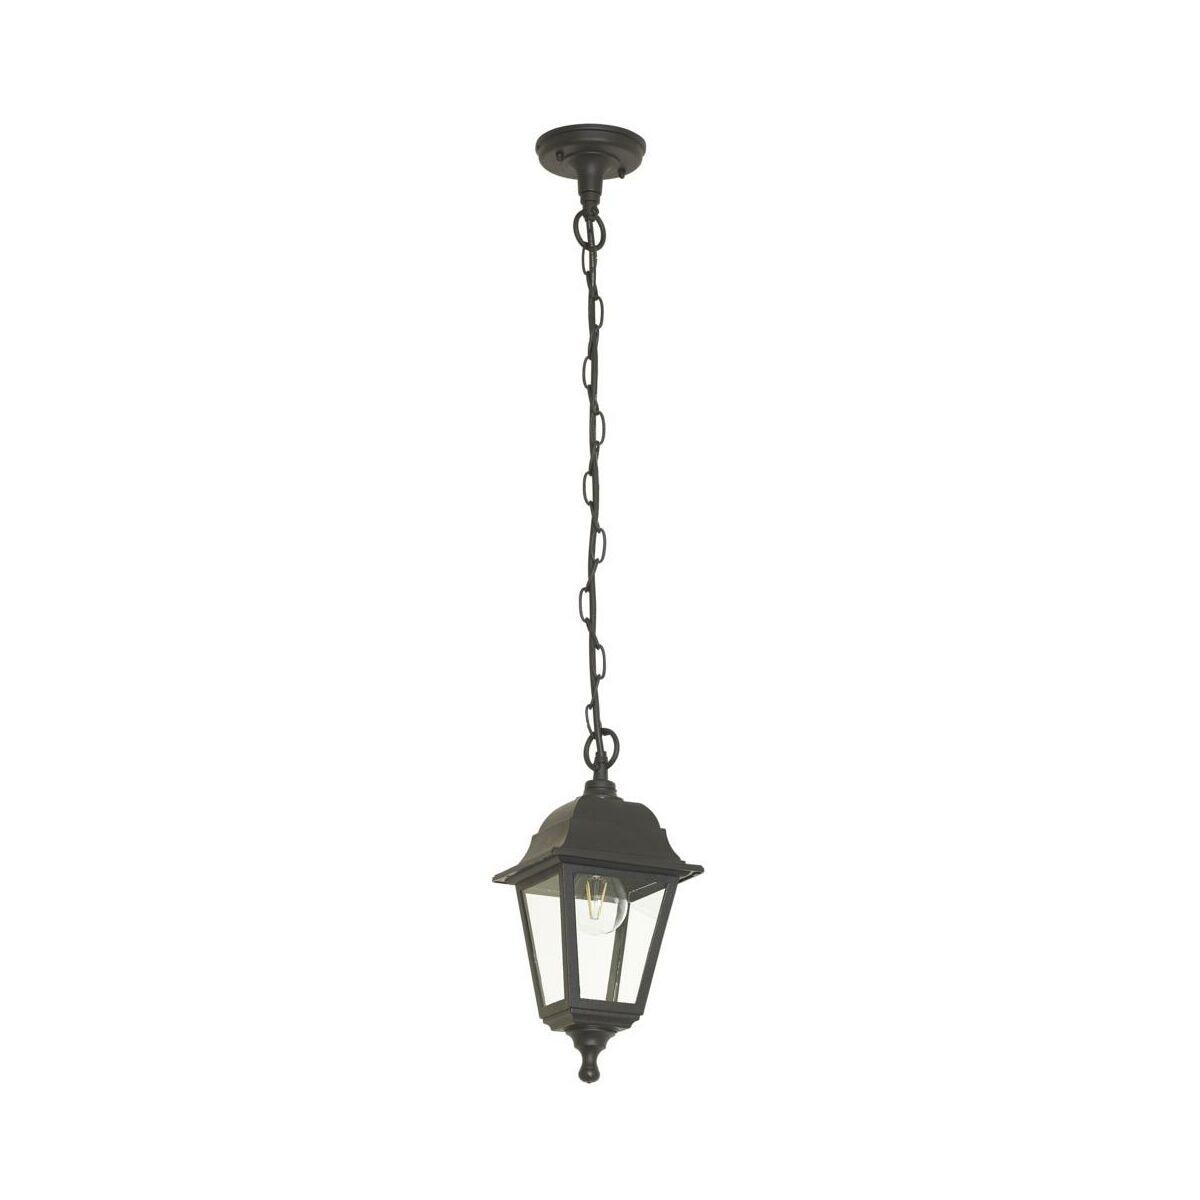 Lampa Ogrodowa Wiszaca Sima Ip44 Czarna E27 Inspire Oswietlenie Ogrodowe Napieciowe W Atrakcyjnej Cenie W Sklepach Leroy Merlin